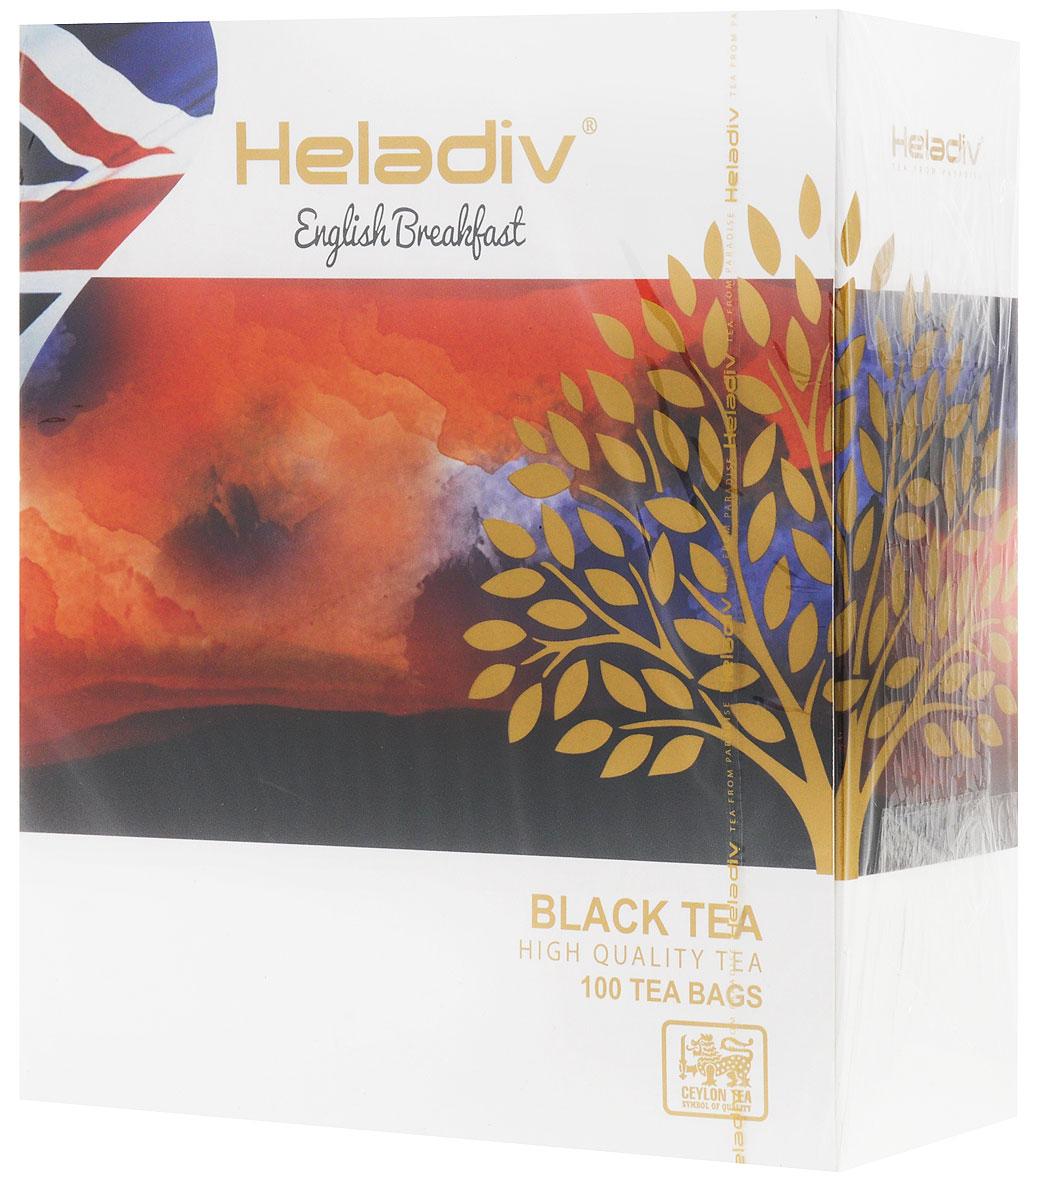 Heladiv English Breakfast чай черный в пакетиках, 100 шт0120710Heladiv English Breakfast - высокогорный элитный чай, классического вкуса и аромата. Этот крепкий и бодрящий по вкусу напиток прекрасно пробуждает от сна.